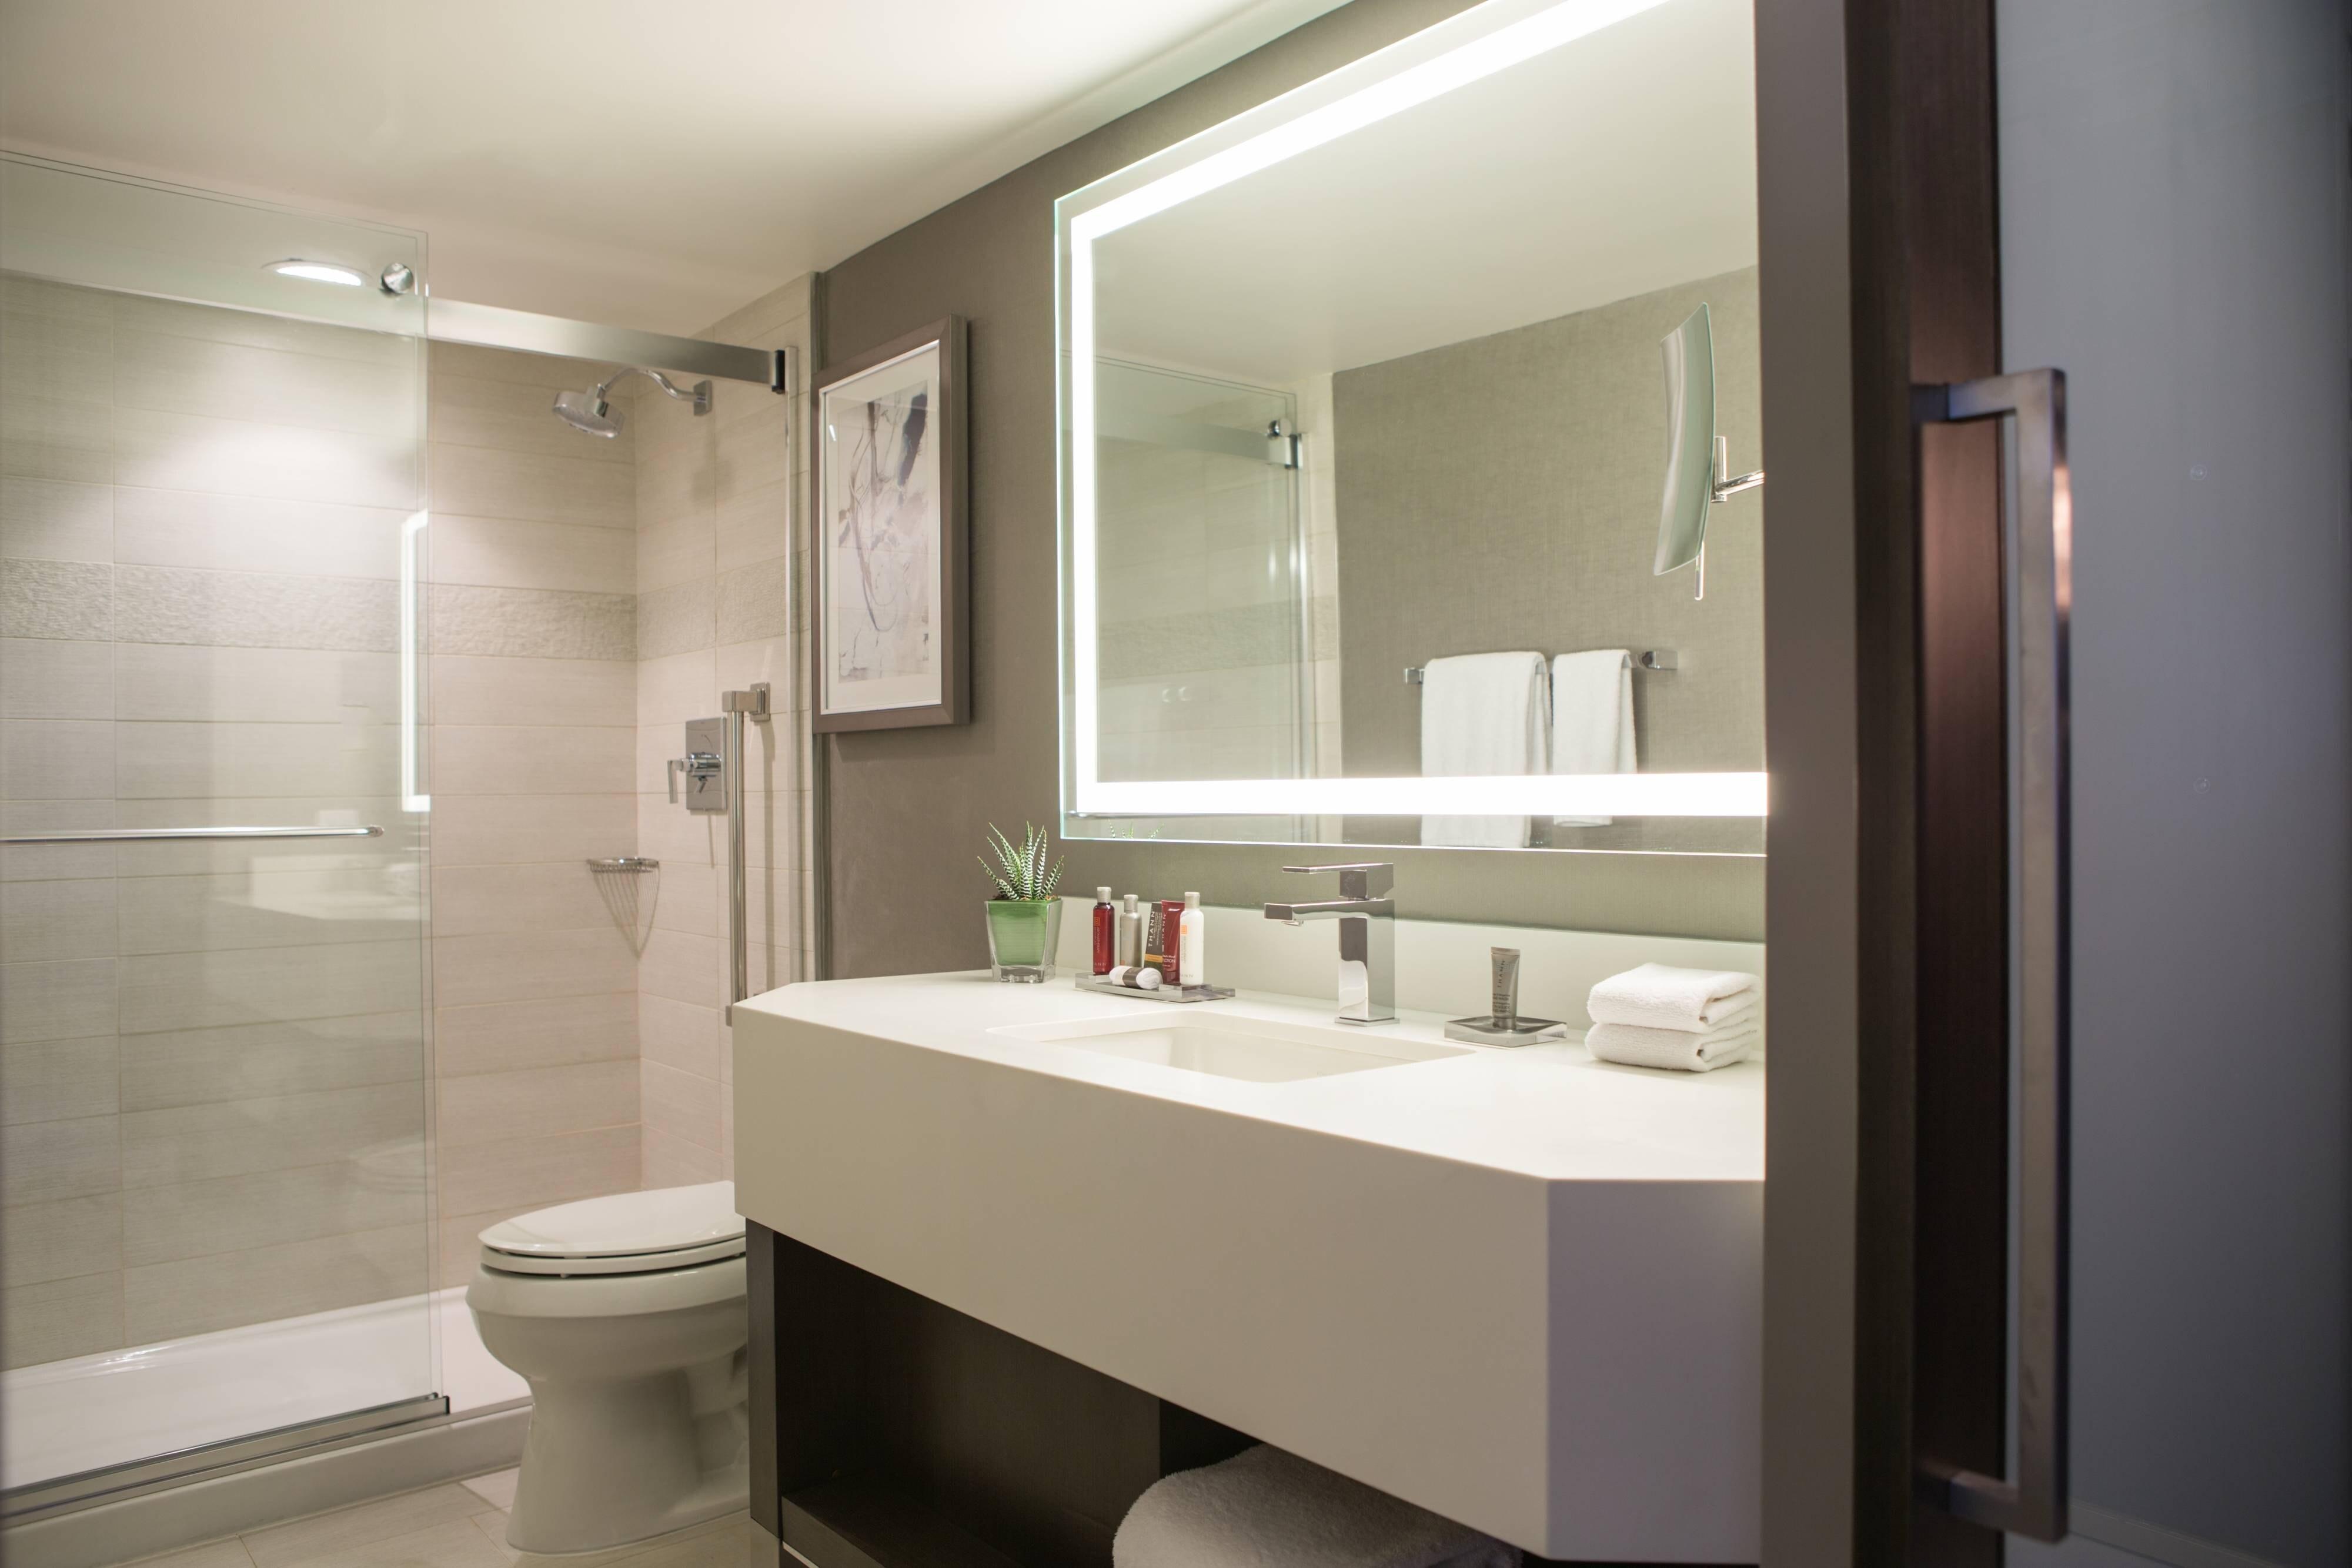 Salle de bains d'une suite d'hôtel à Calgary